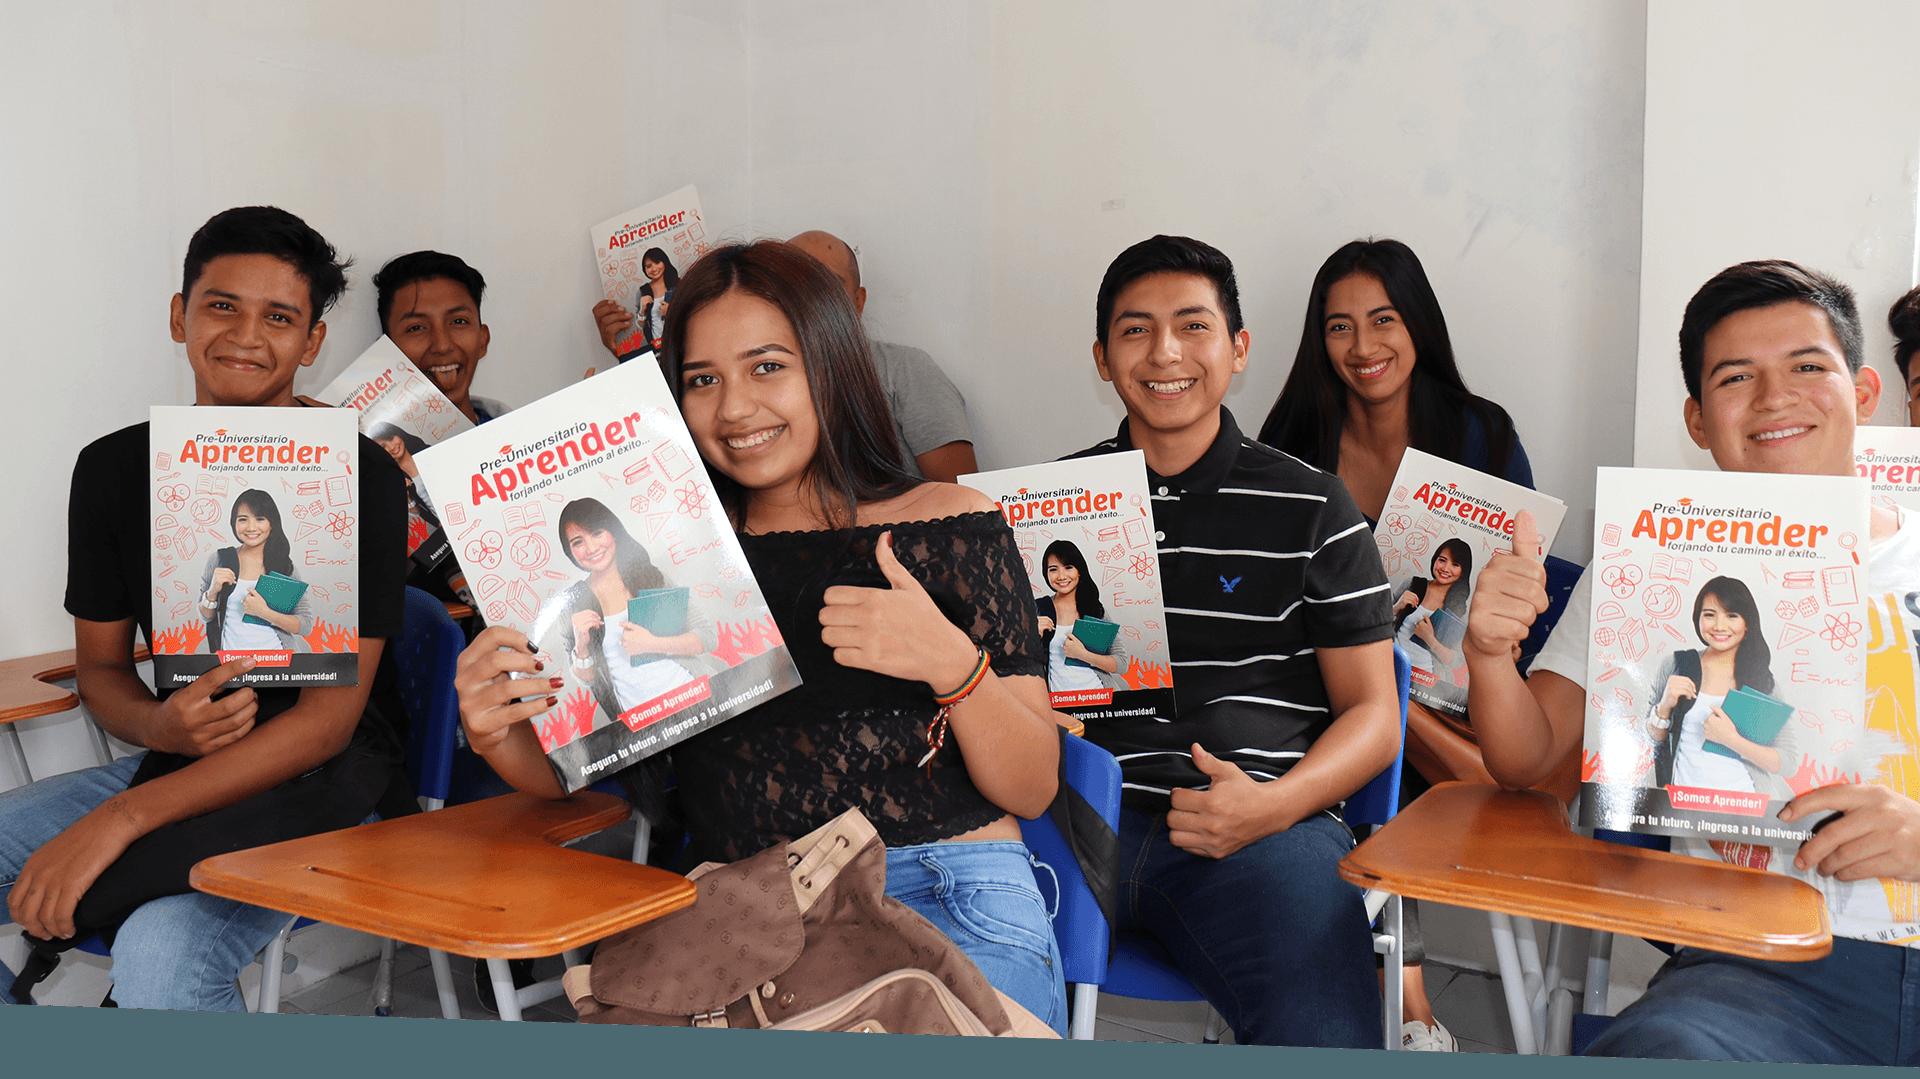 Alumnos en clases de preunviersitario aprender ambato con folleto Aprender